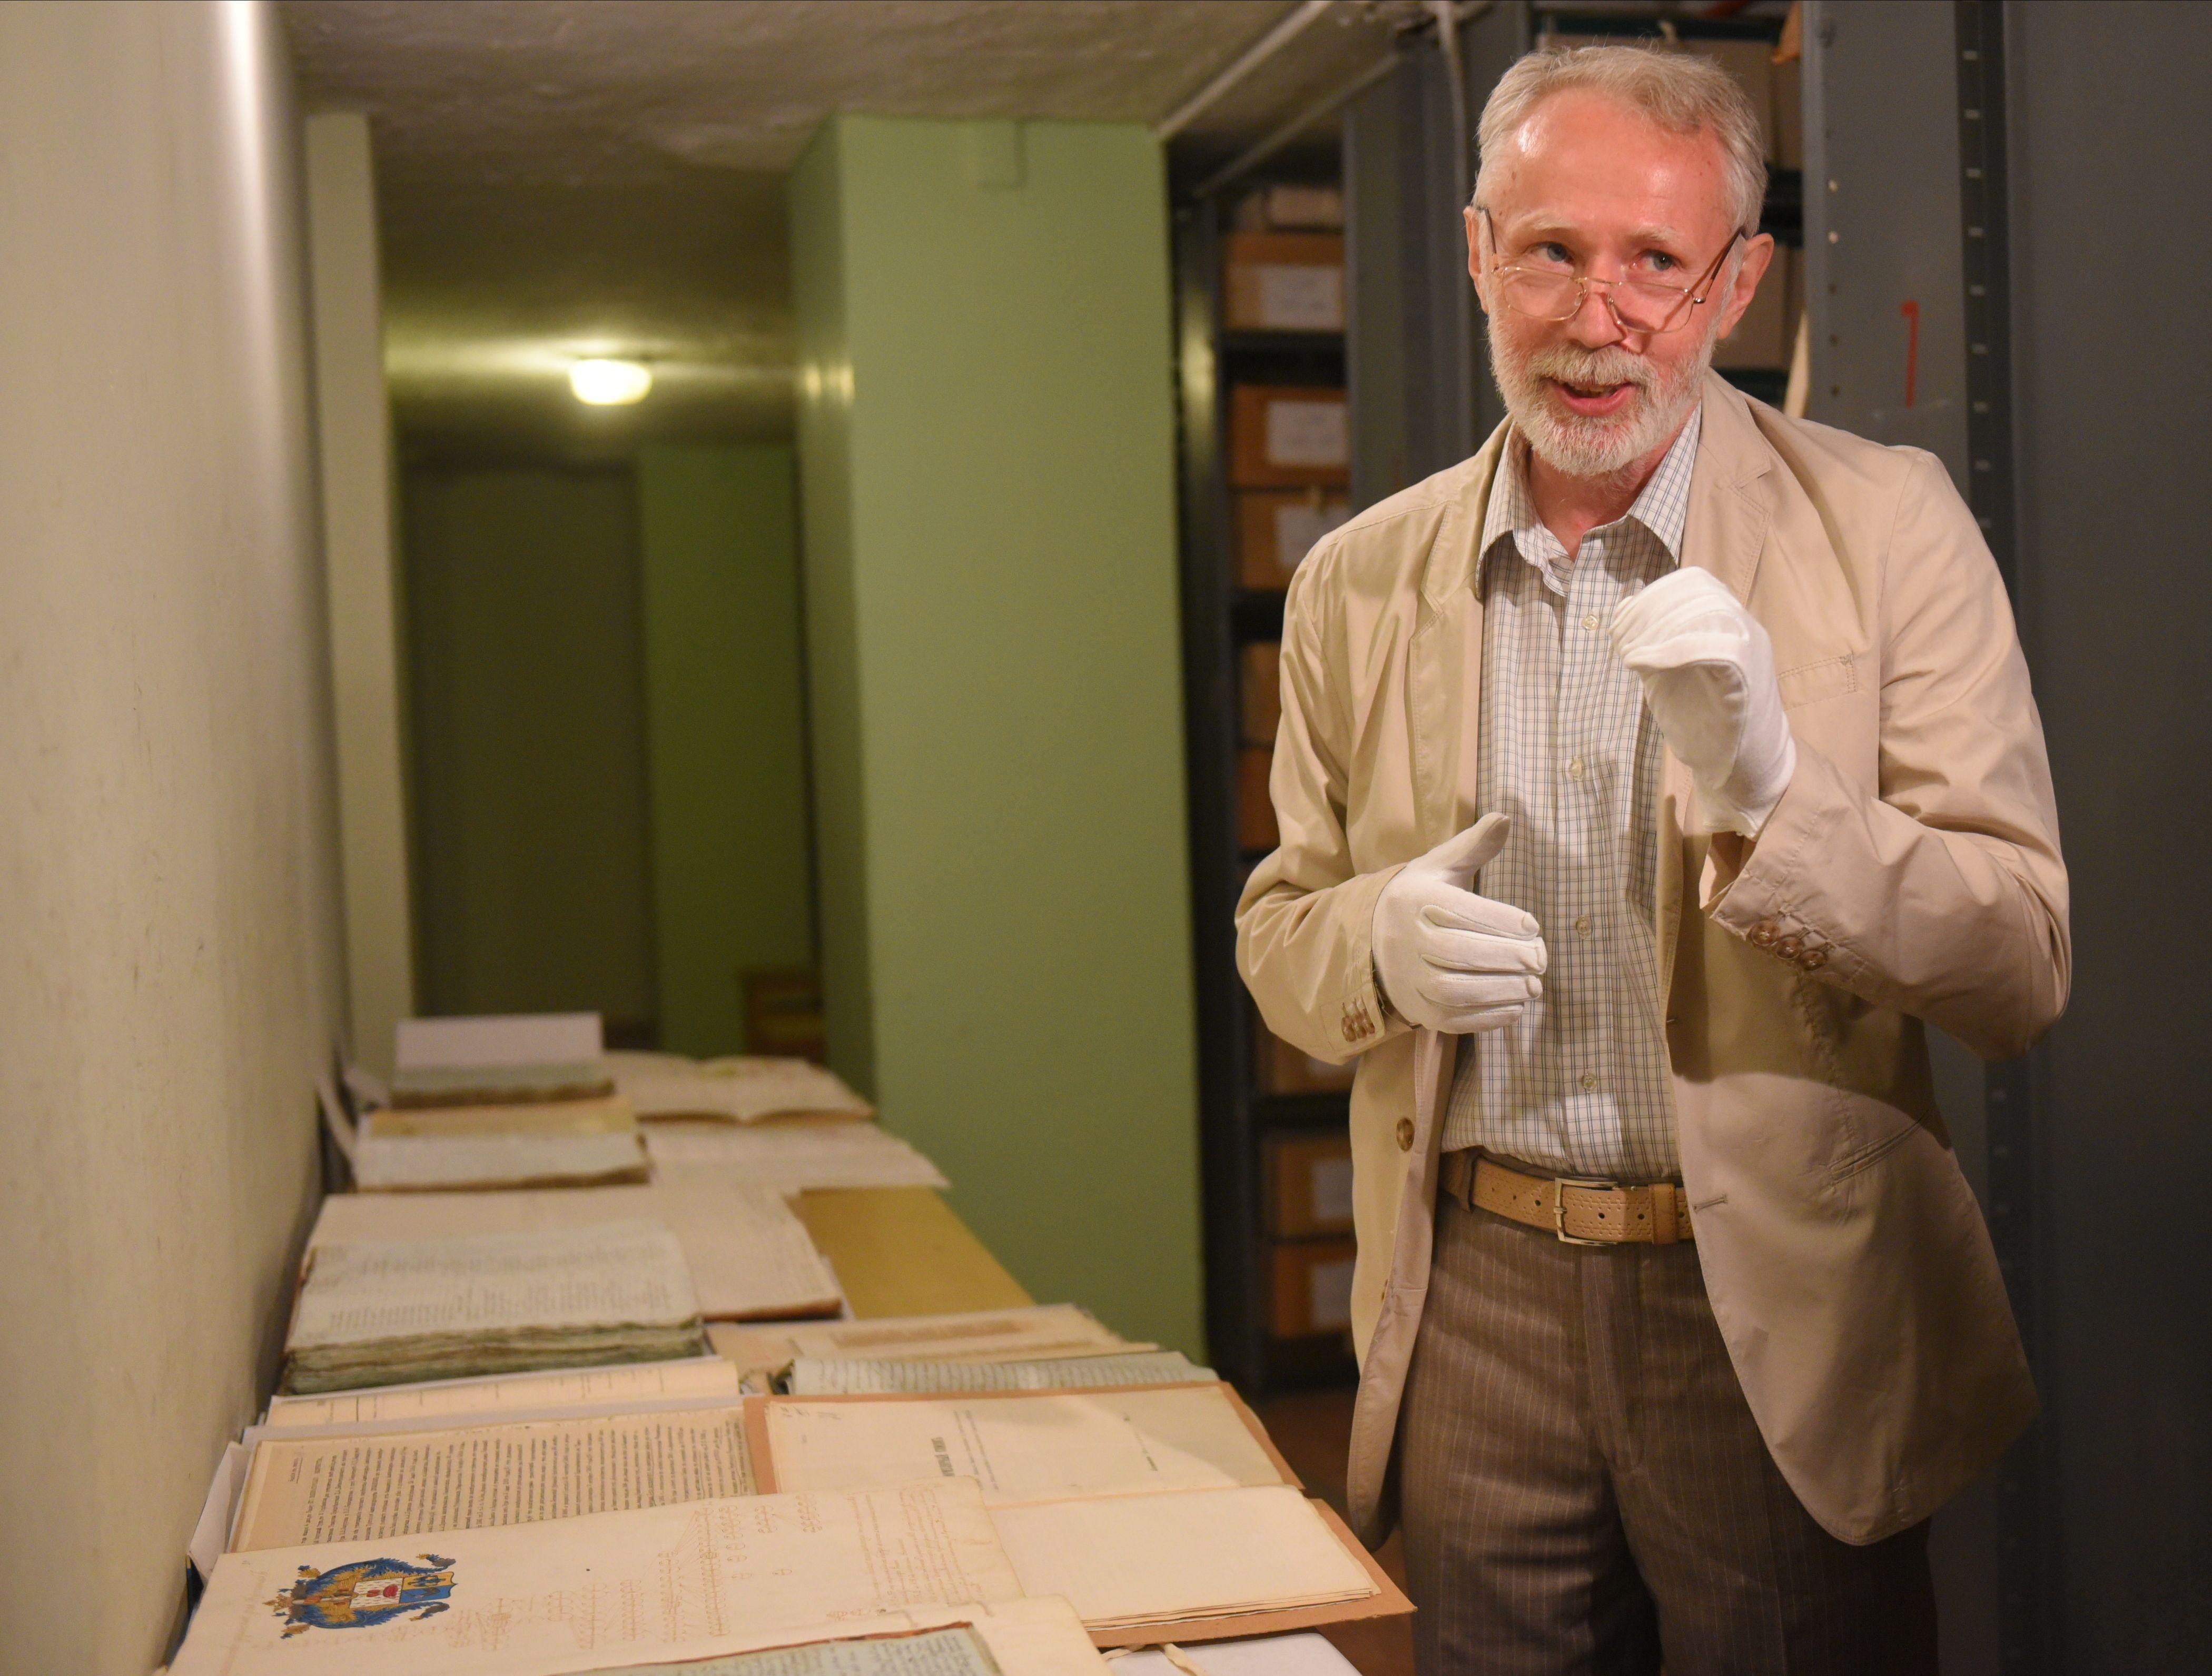 Москвичи увидят редкие фотографии и документы Юрия Гагарина